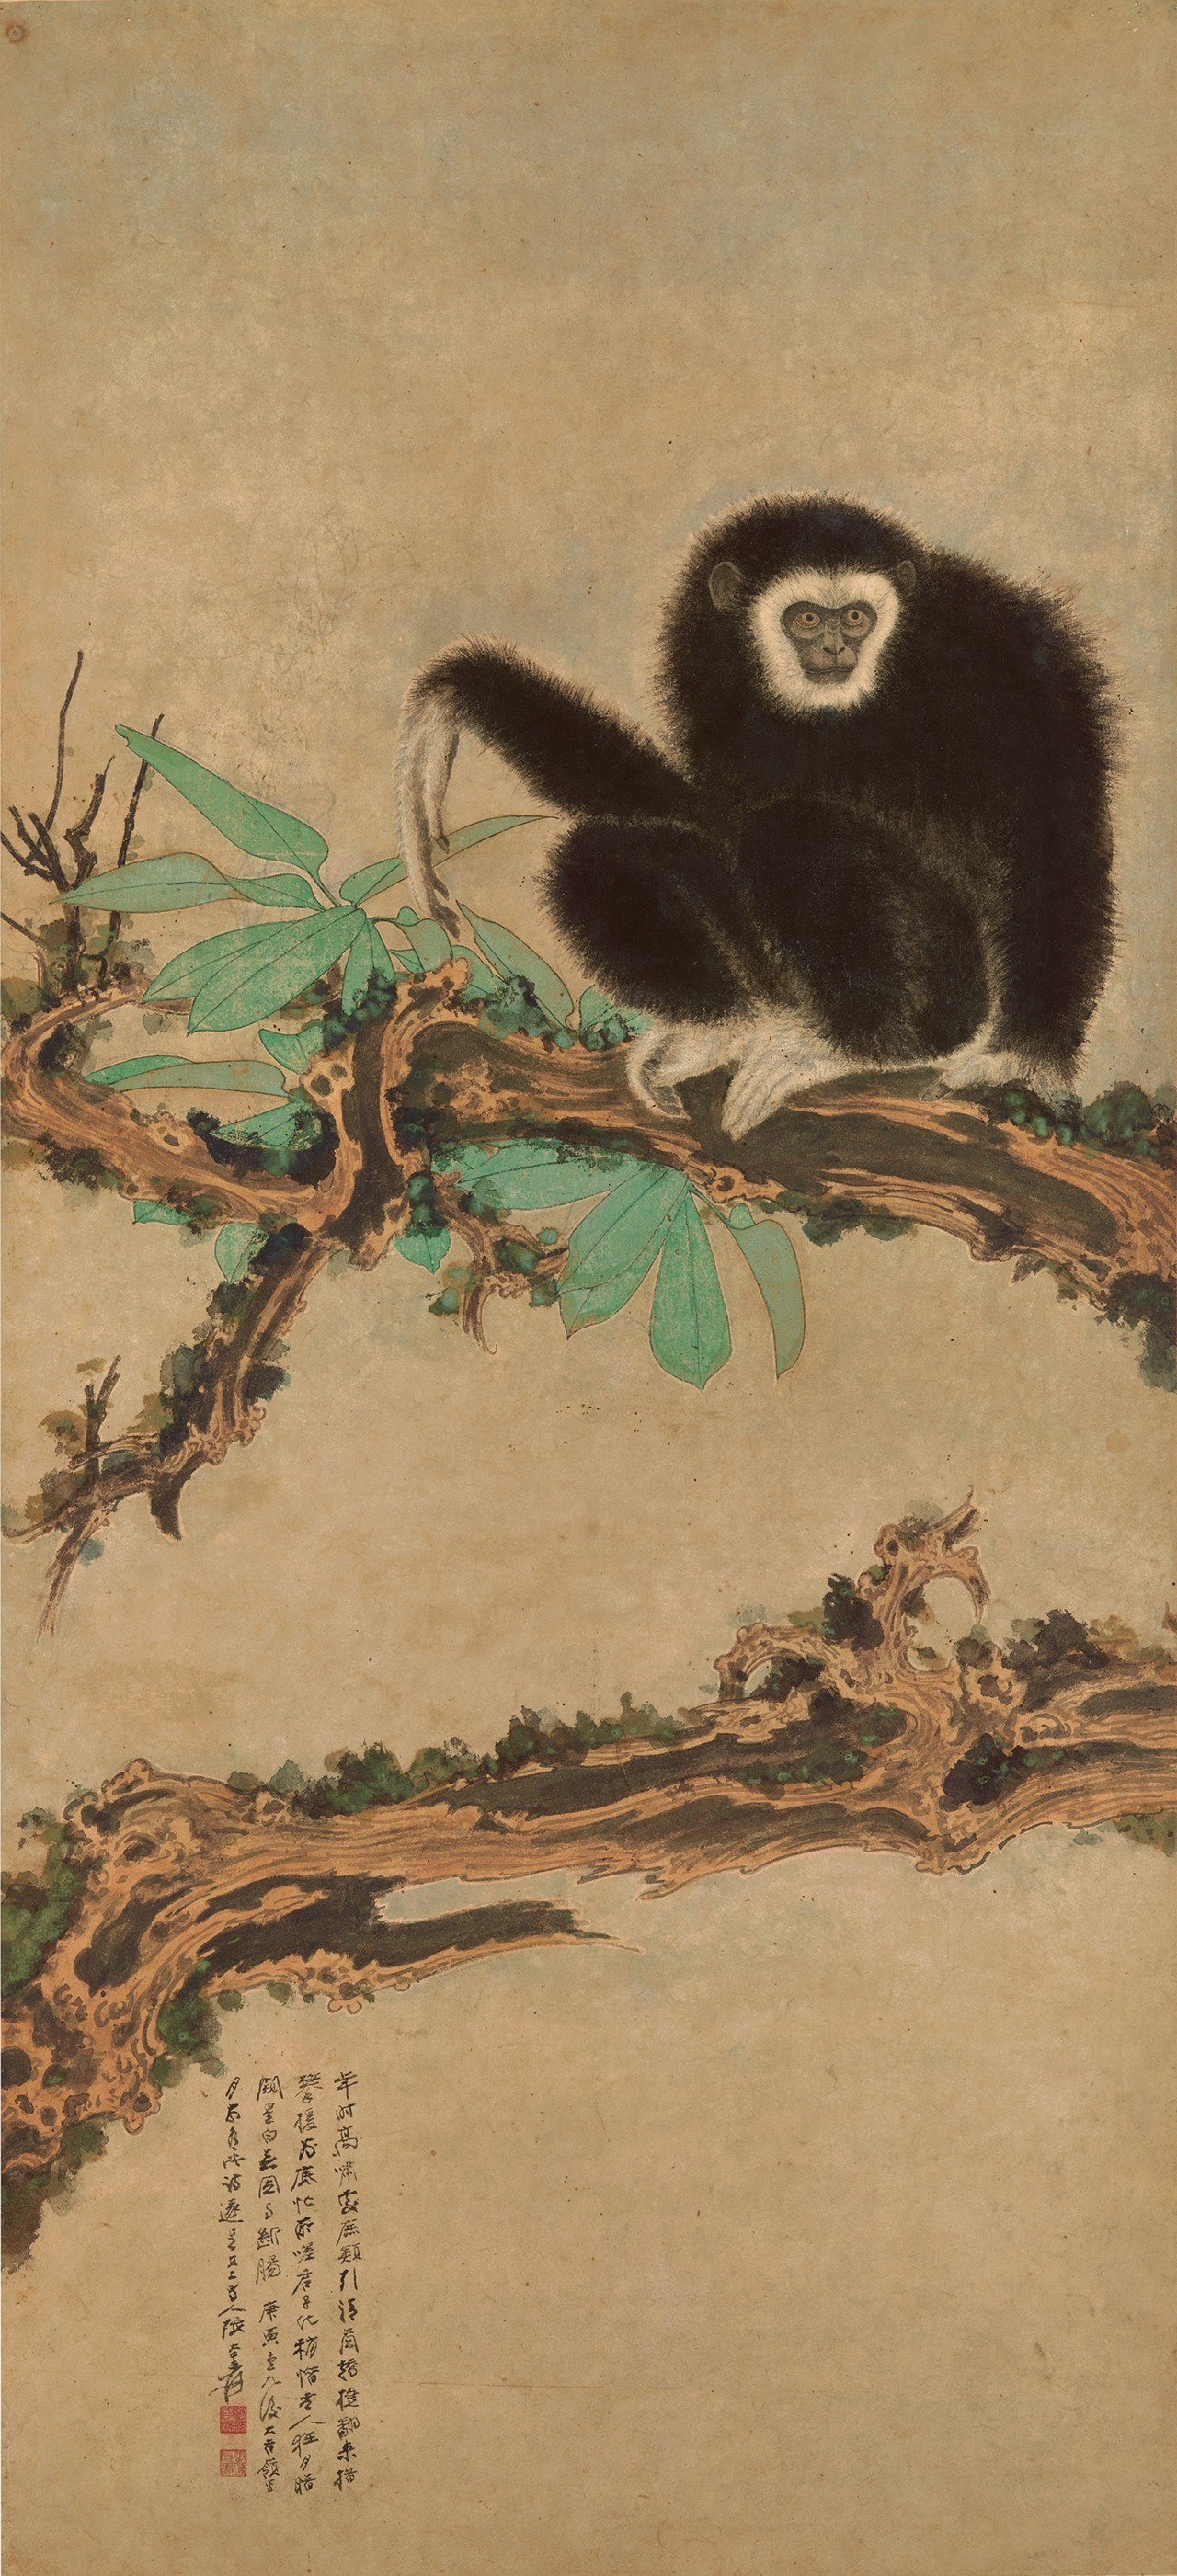 張大千《老樹清猿》,估價約3,100萬元。圖/蘇富比提供